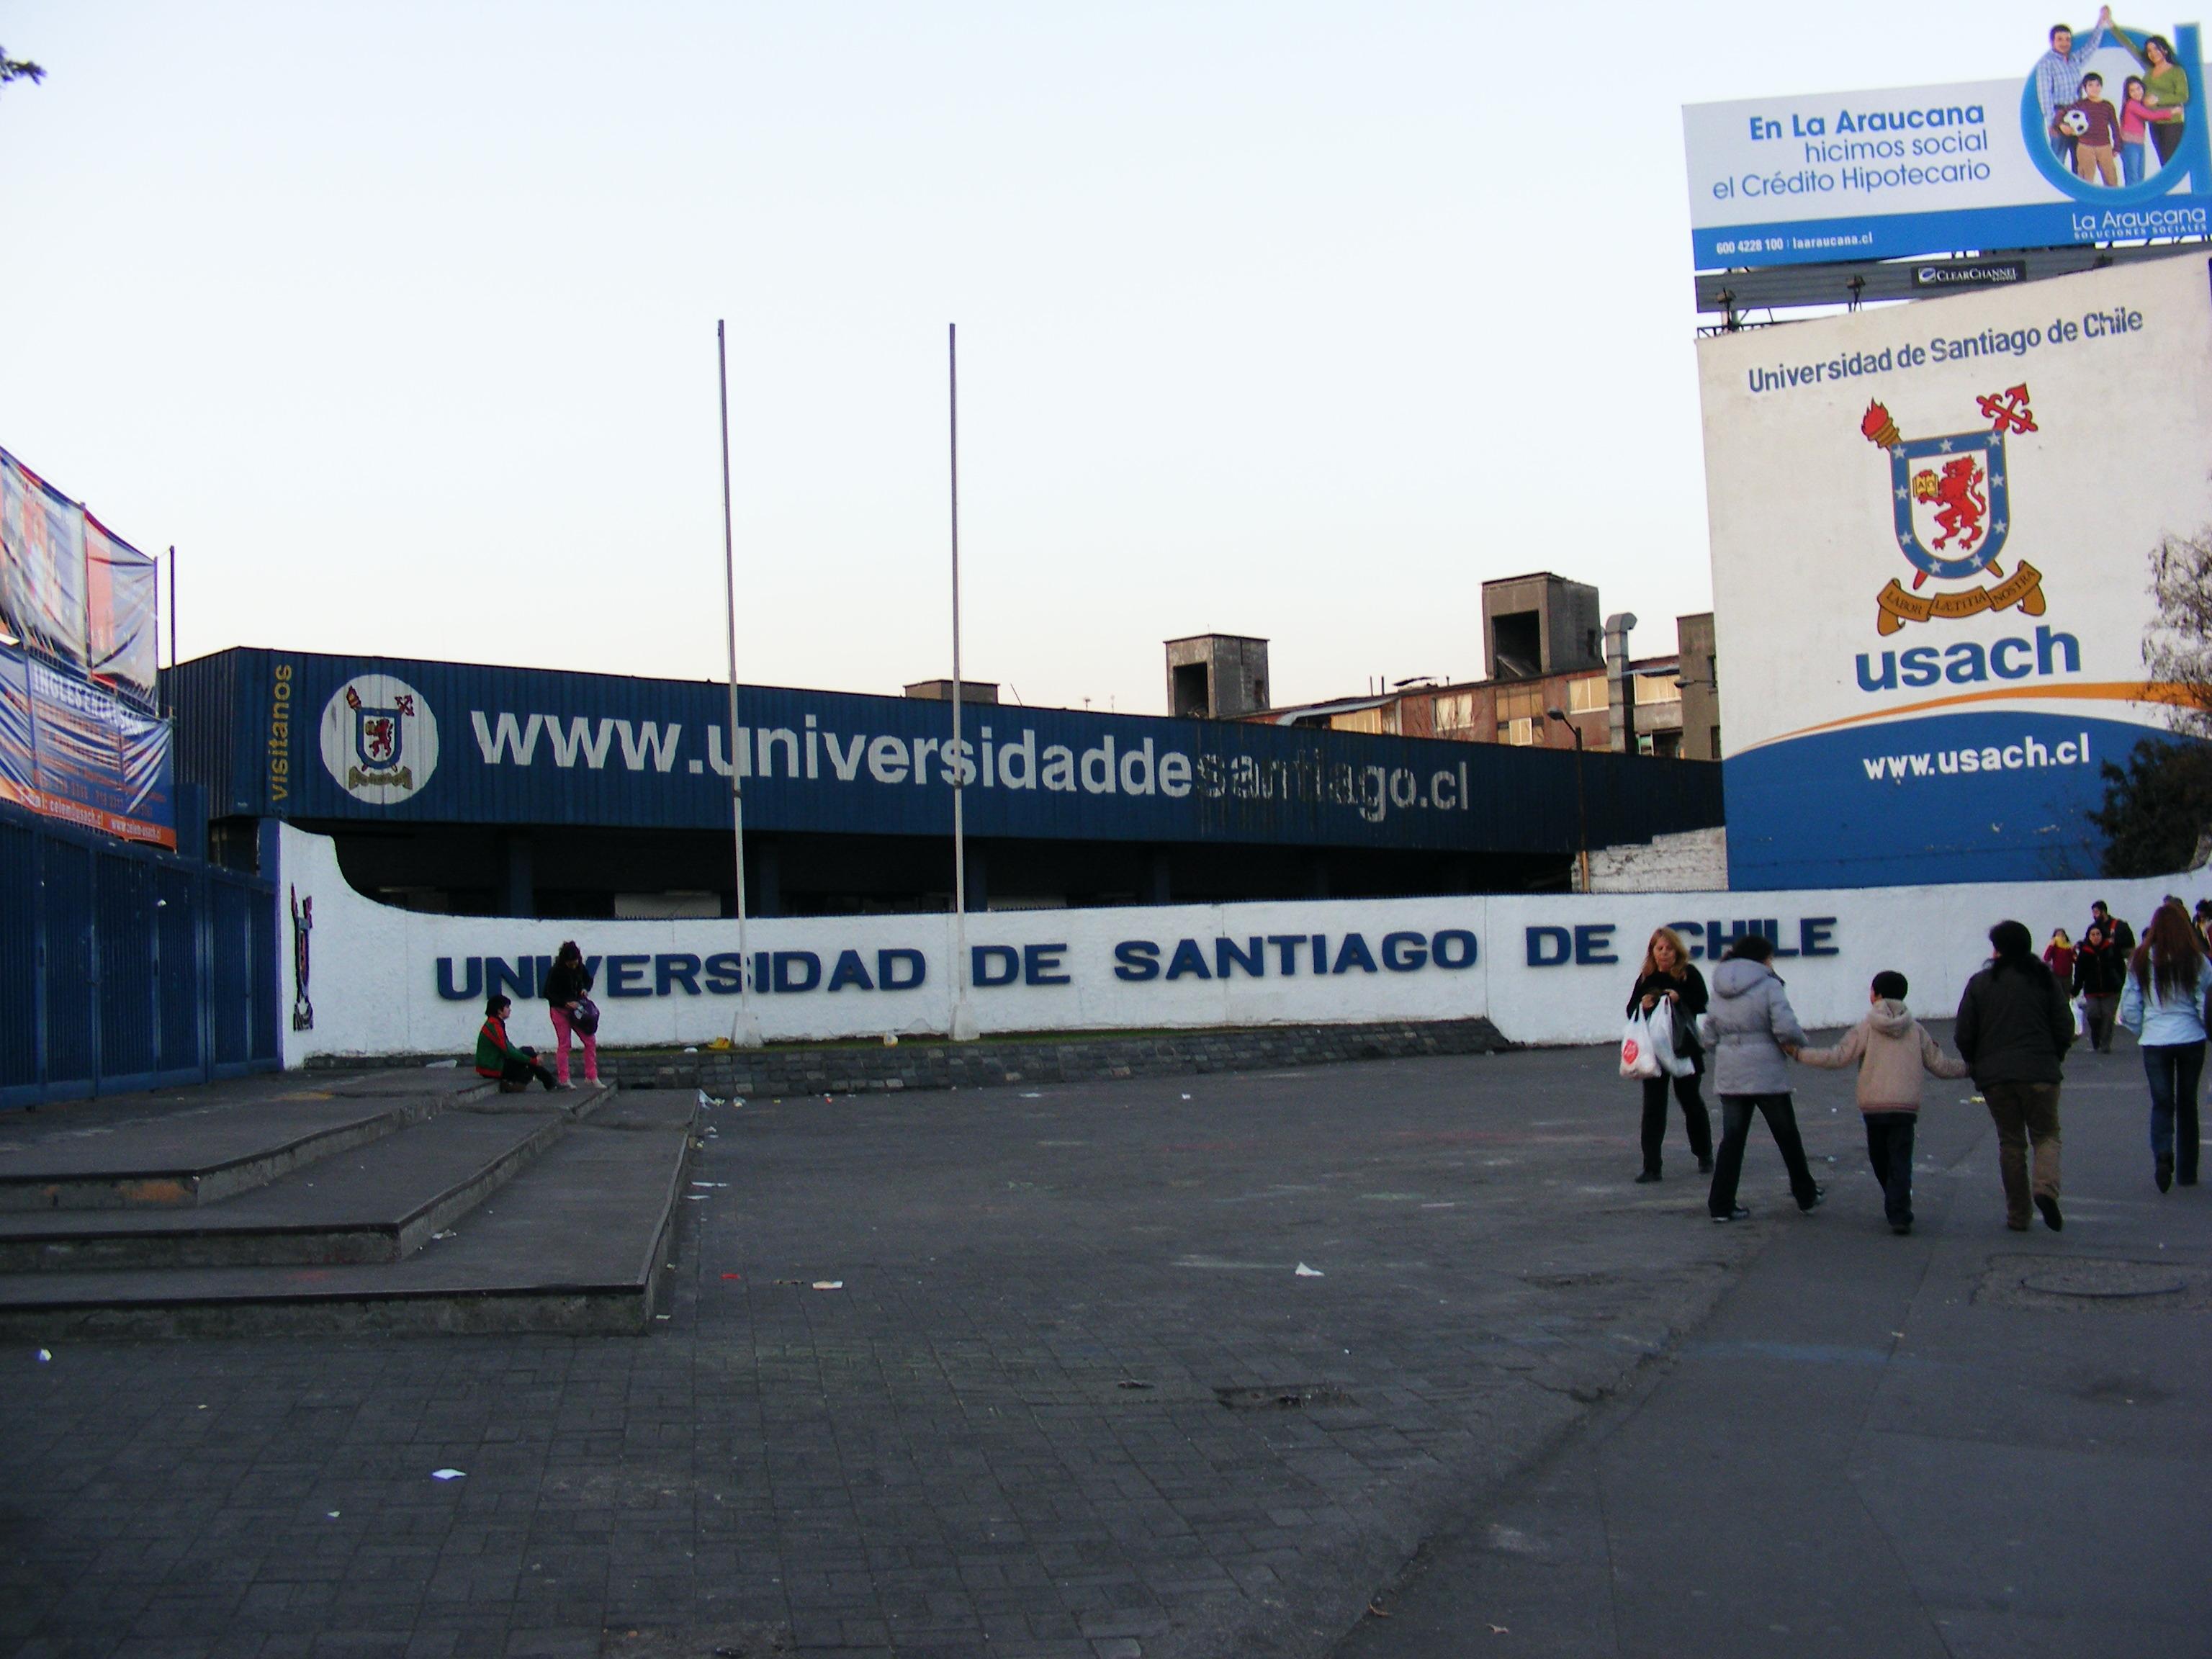 Encuentran muerto a profesor al interior de su oficina en la Universidad de Santiago